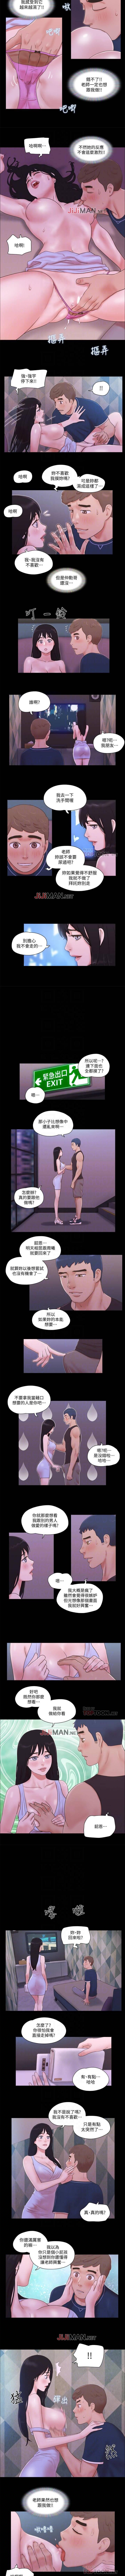 【周五连载】协议换爱(作者:遠德) 第1~57话 222